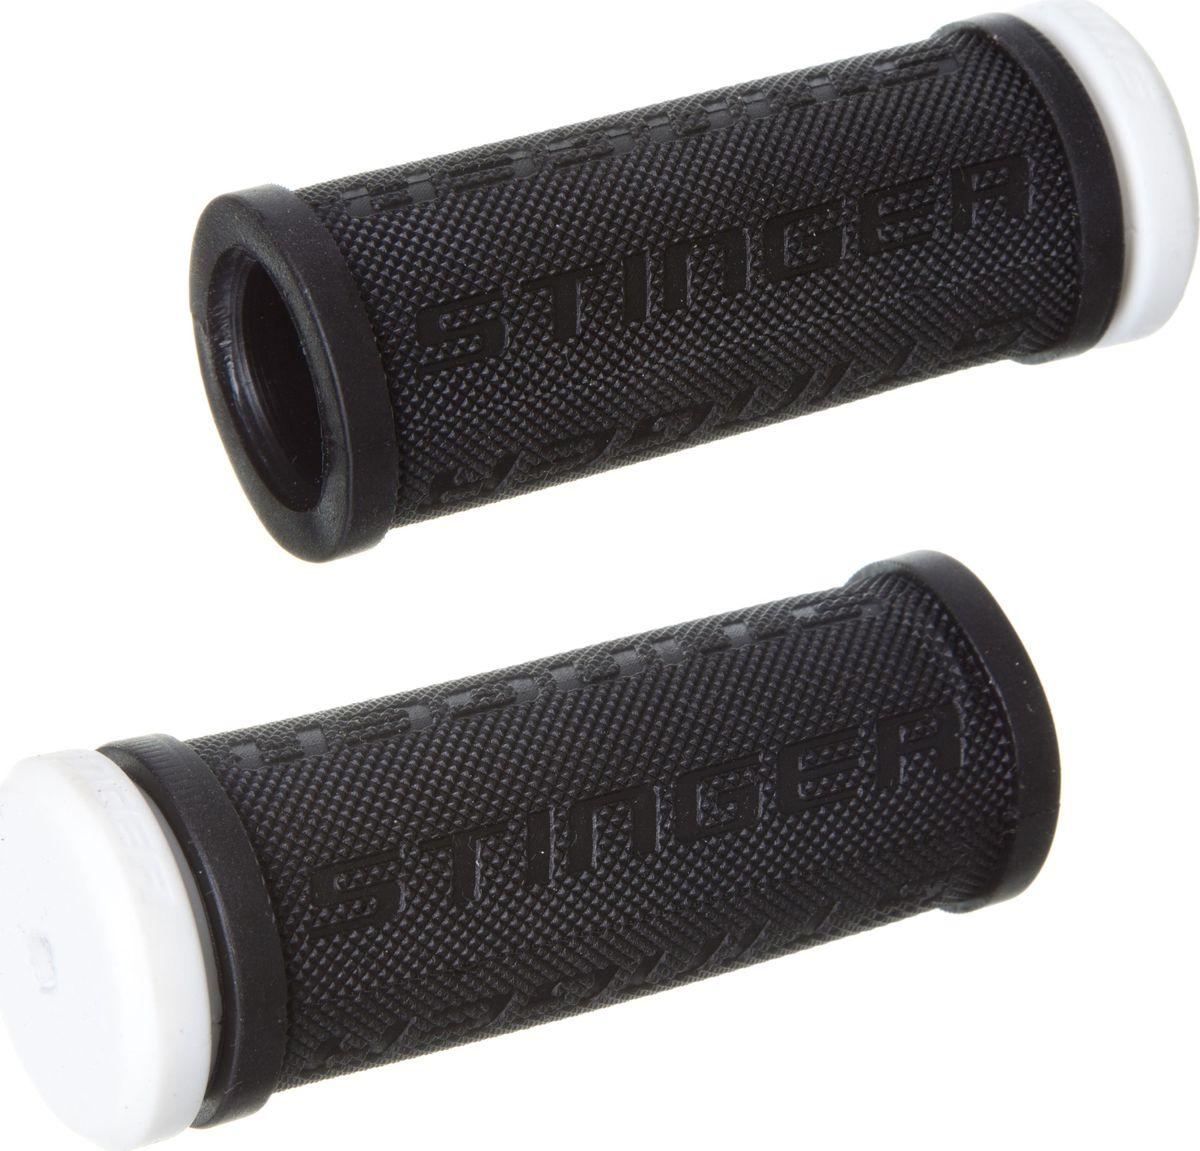 Грипсы STG HL-G92-1 BK, длина 7,6 смХ82241Грипсы STG HL-G92-1 BK, выполненные из высококачественной резины и пластика, препятствуют соскальзыванию рук, гасят вибрацию, не натирают ладони и в целом делают поездку более комфортной. Они одеваются на концы руля и их можно менять по мере изношенности.Длина грипсы: 7,6 см.